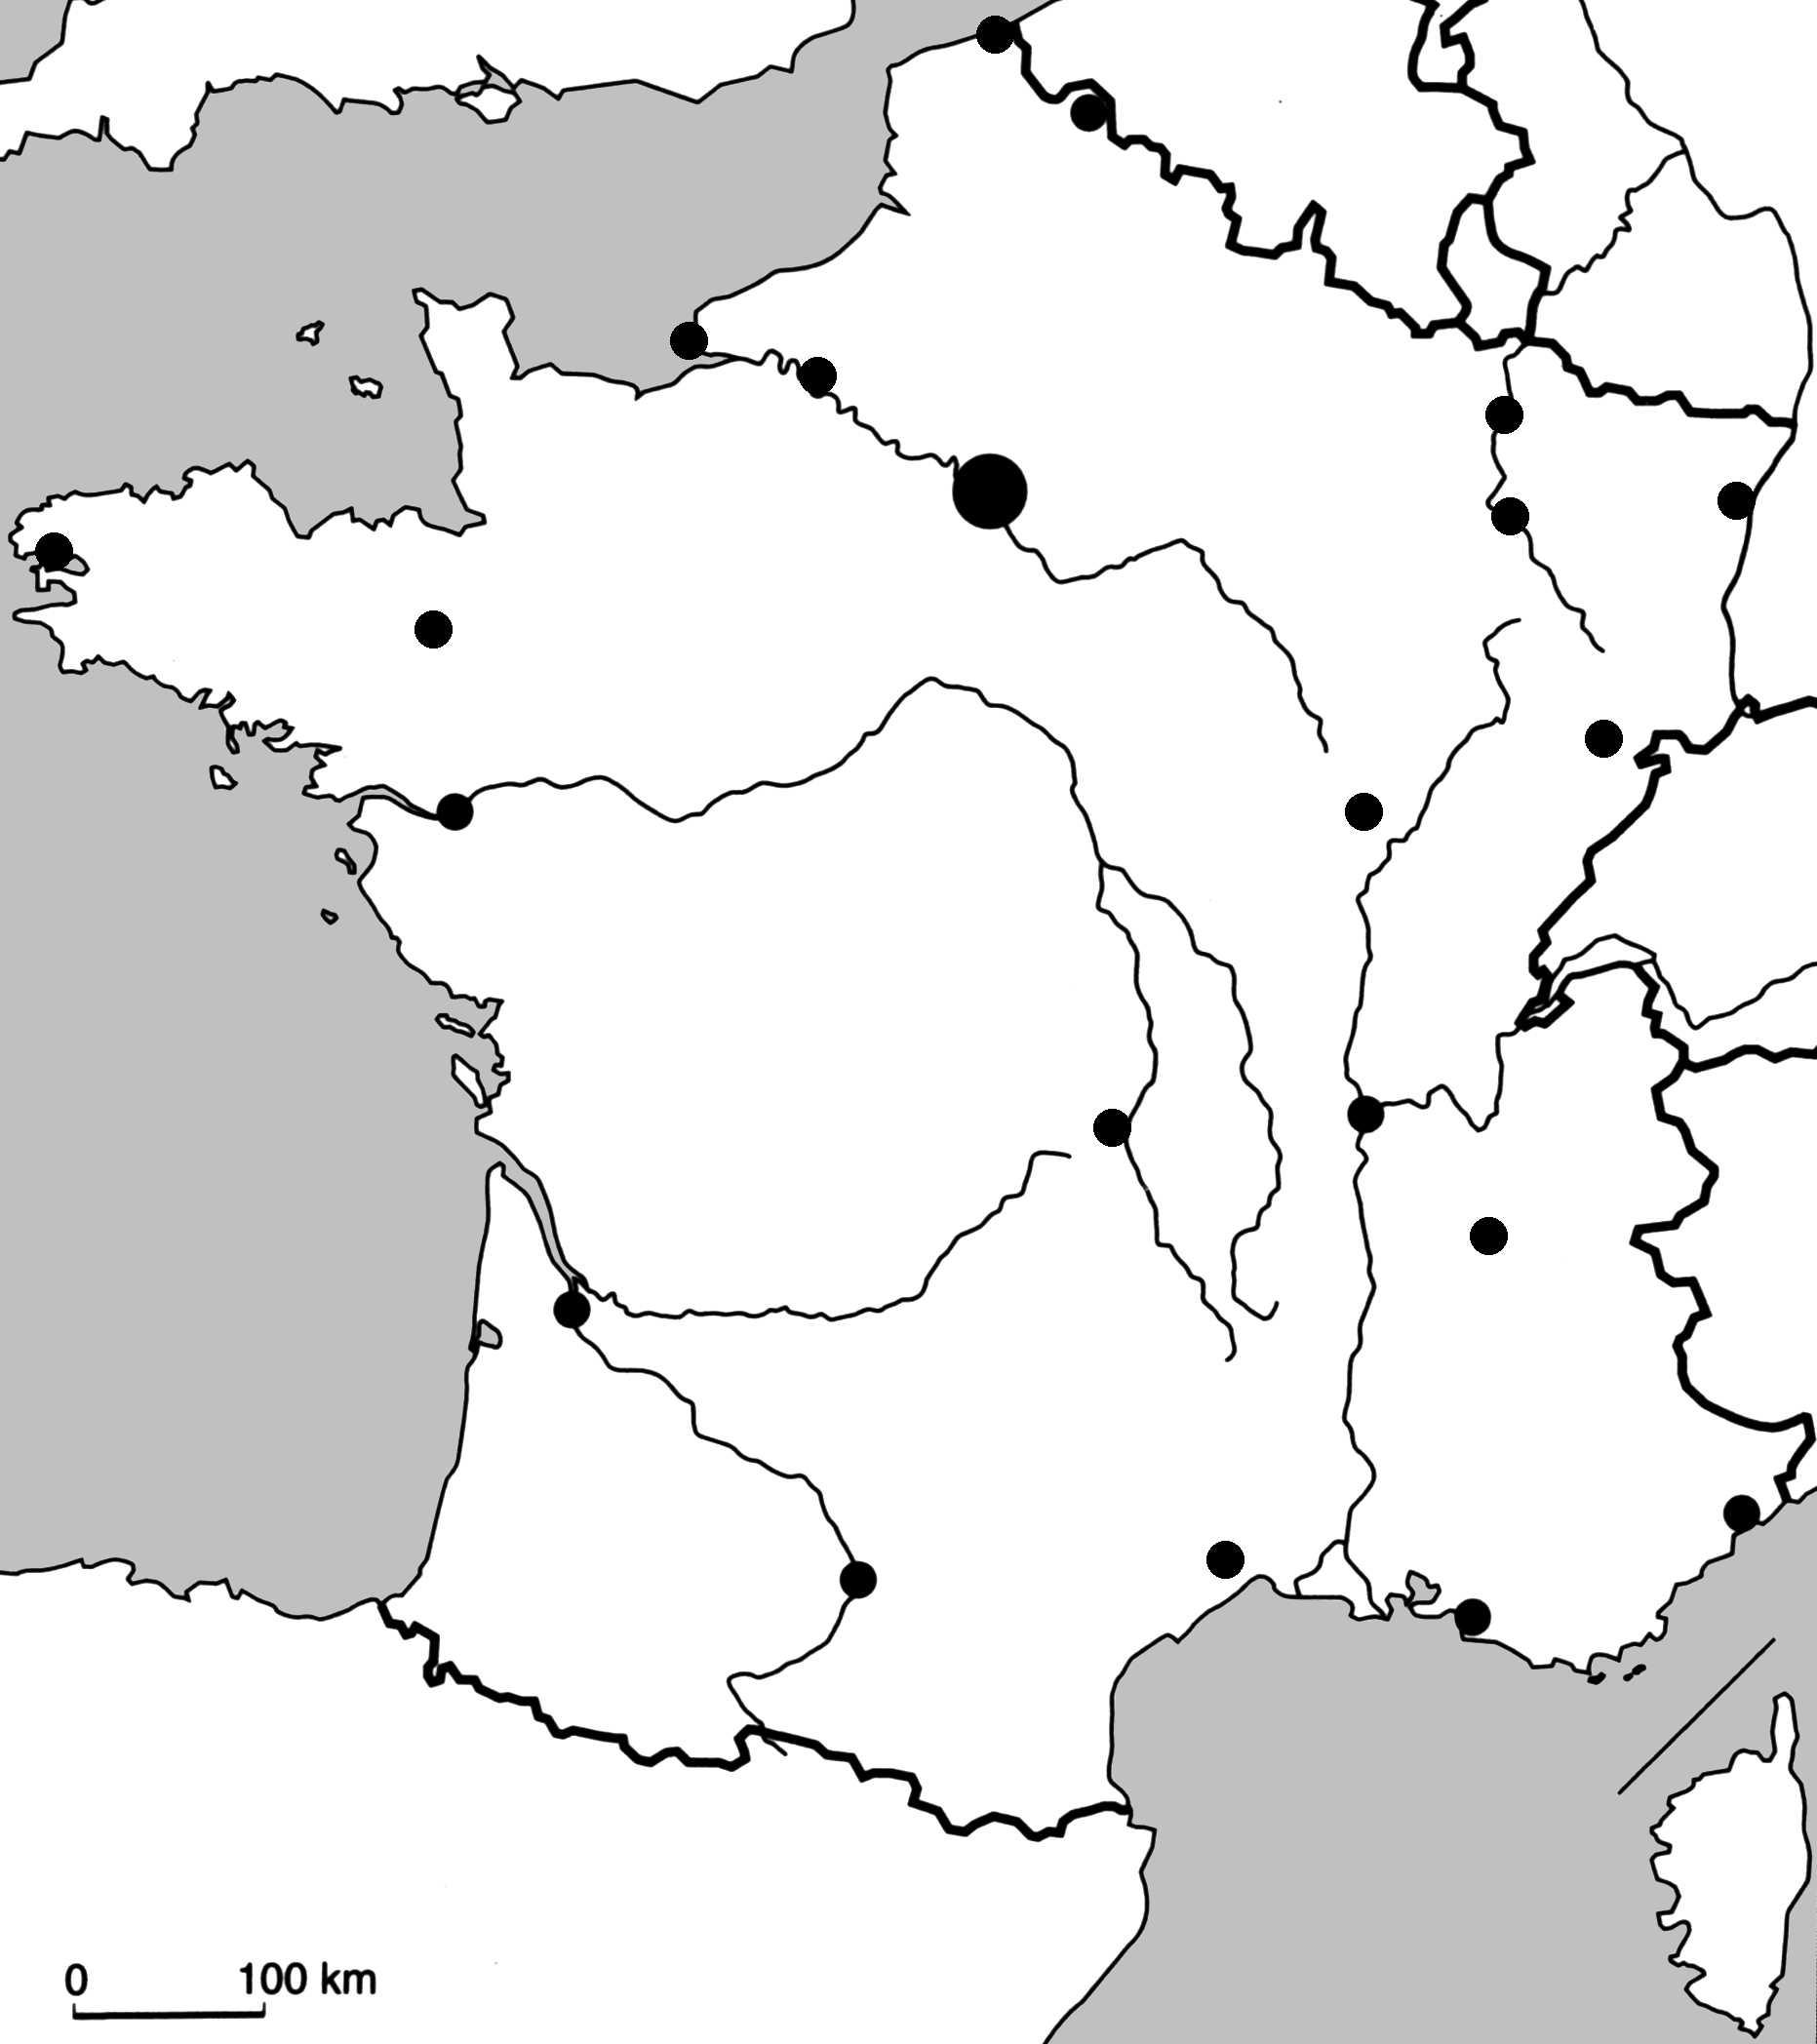 Carte Muette France Villes | My Blog intérieur Carte De La France Avec Les Grandes Villes